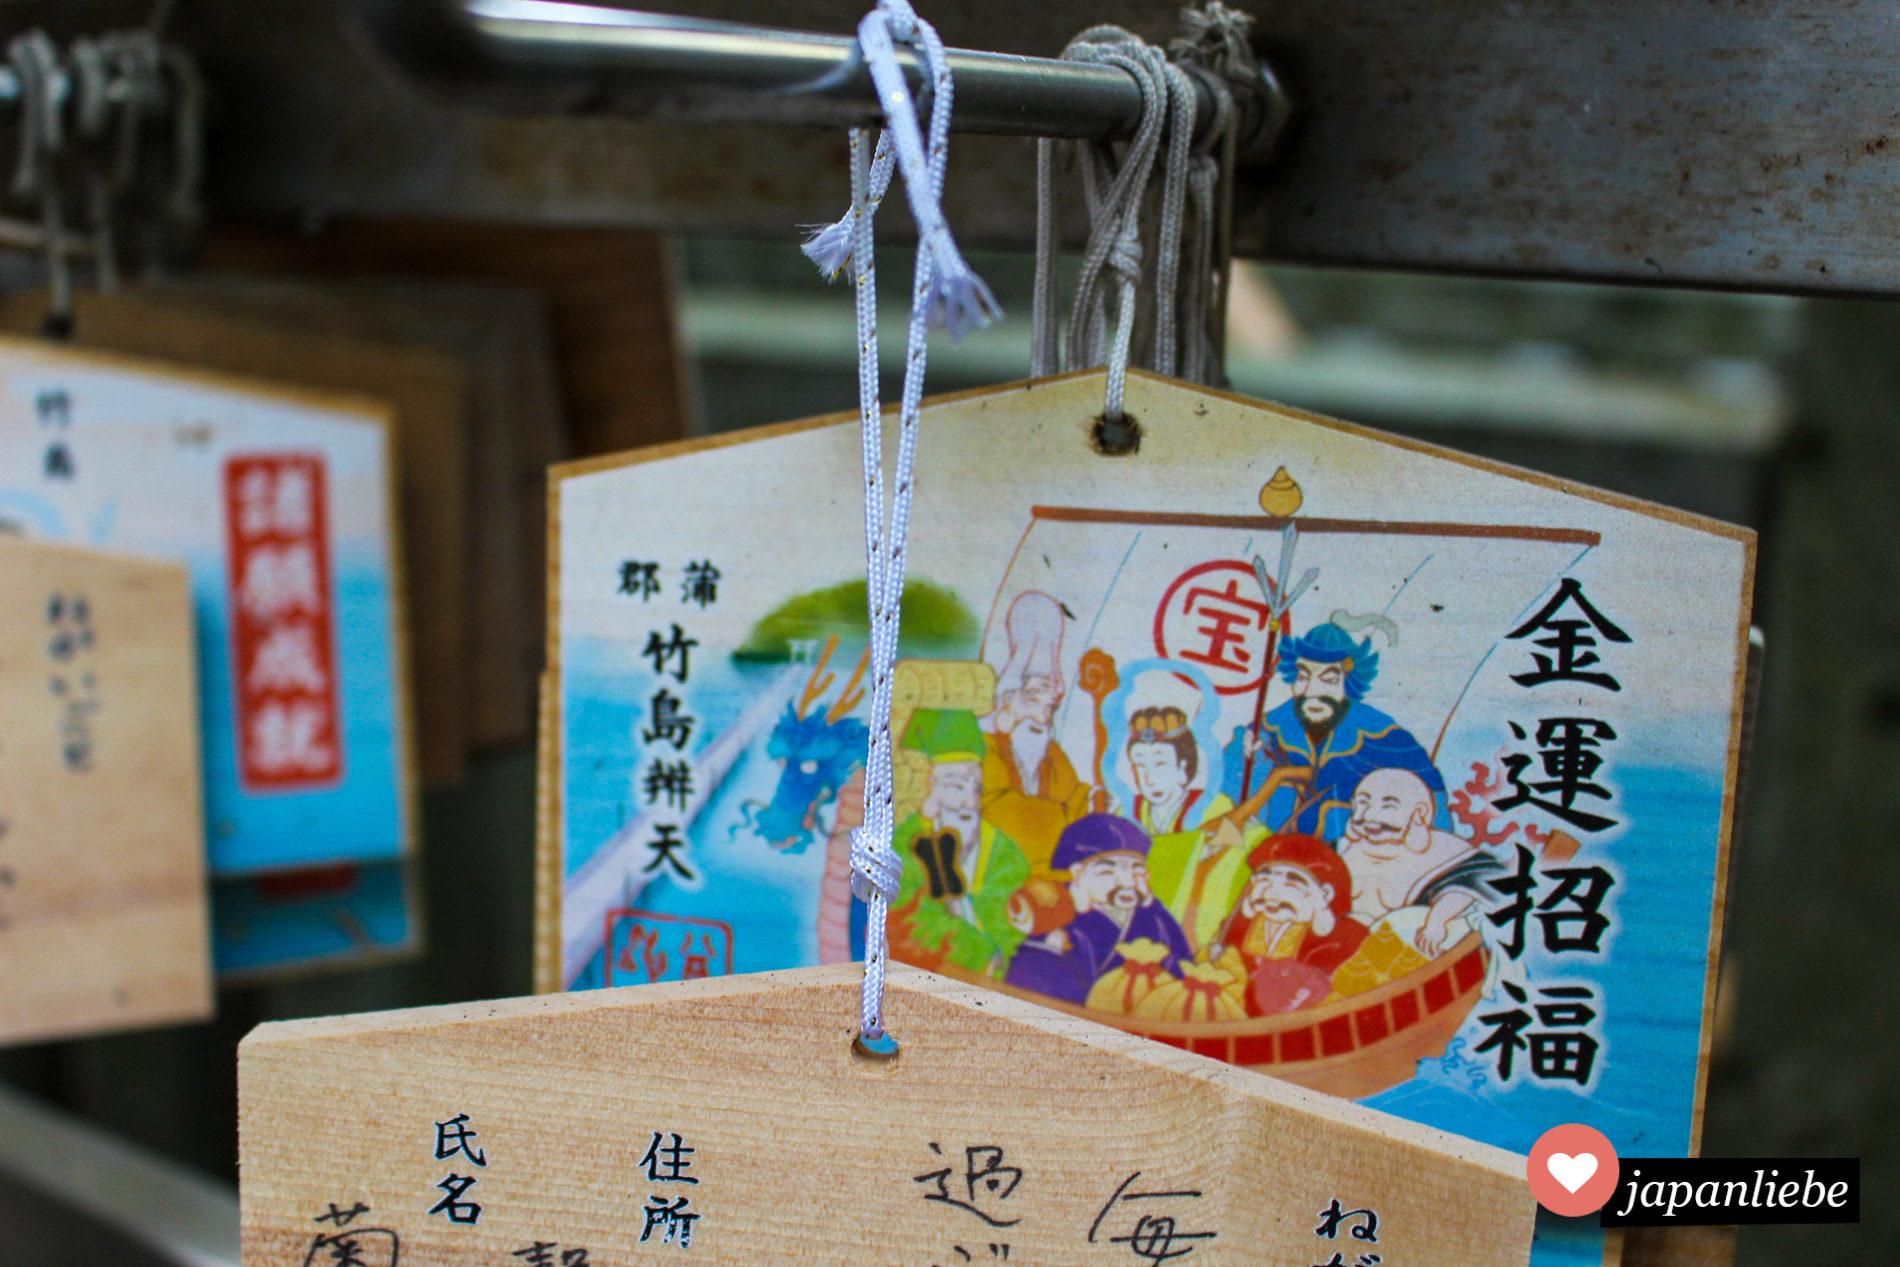 ema Motivtafeln an einem Schrein in Gamagori zeigen Japans sieben Glücksgötter in ihrem Schiff.